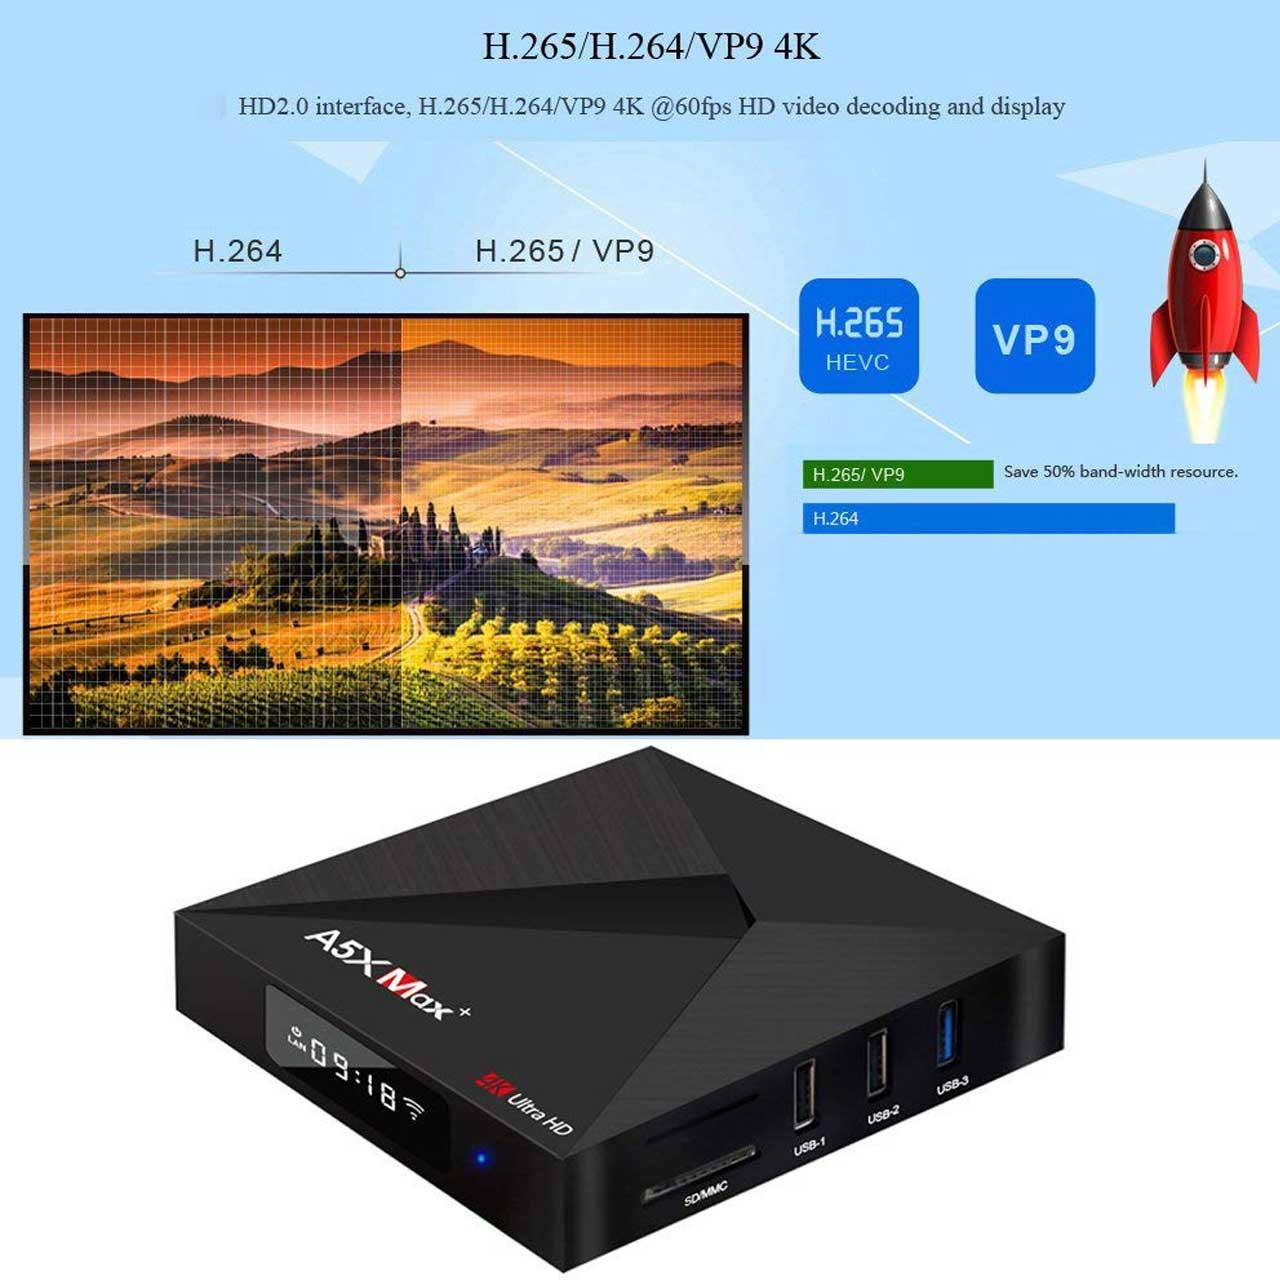 مینی کامپیوتر اندروید A5X Max Plus tv box تی وی باکس اندروید